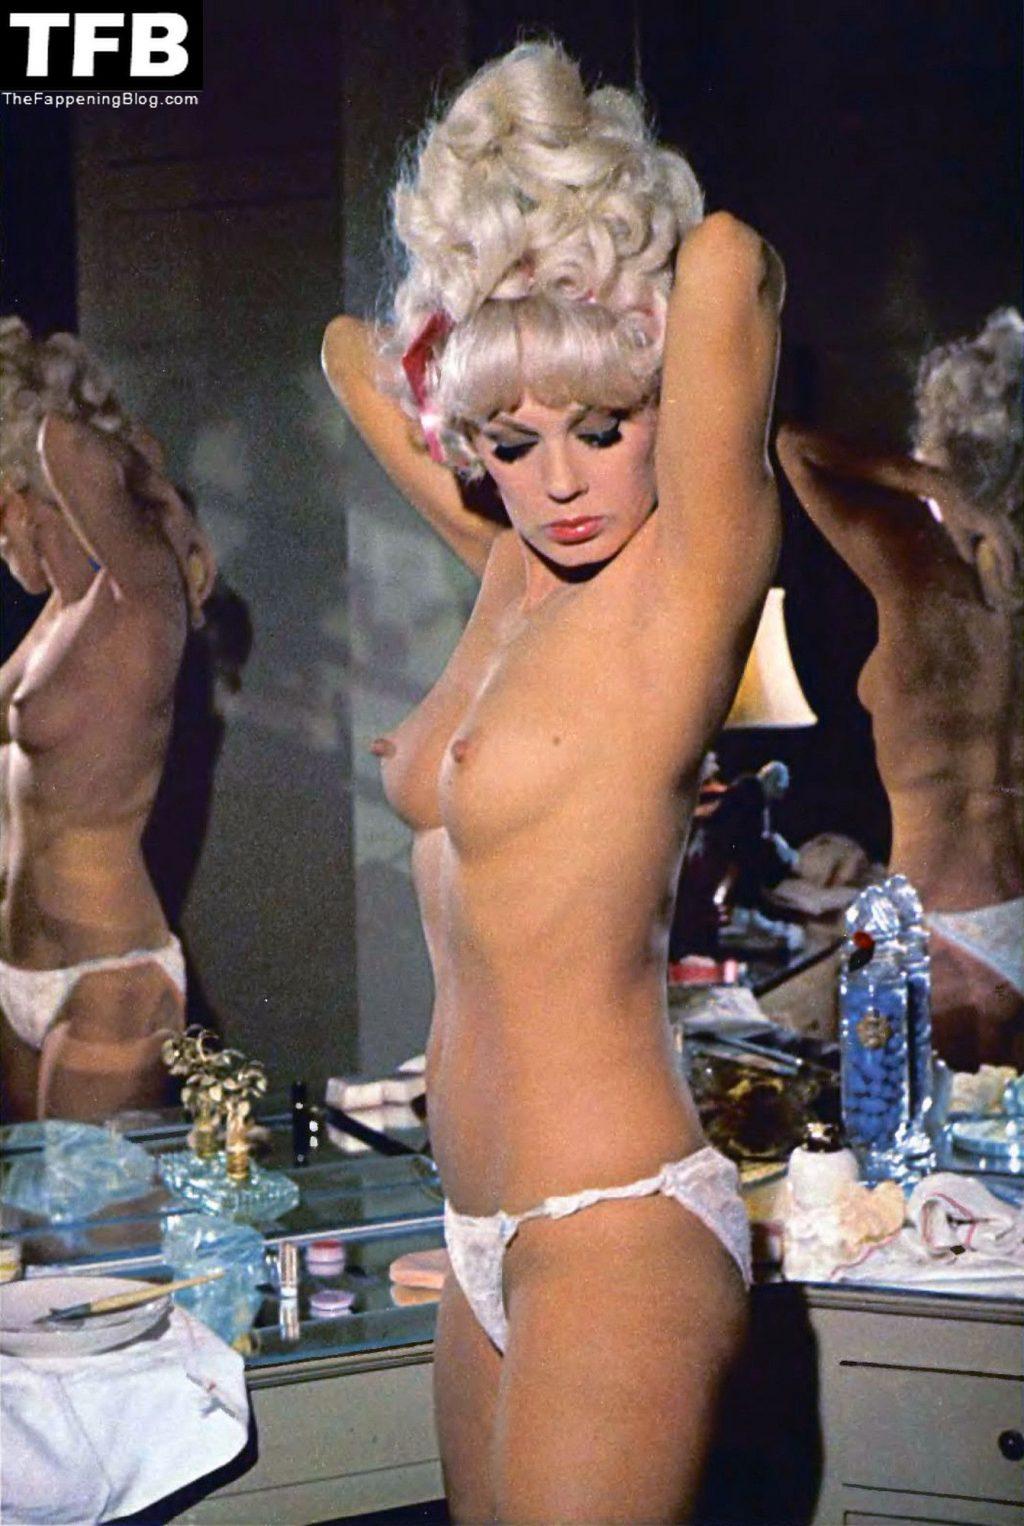 Mamie Van Doren Nude Collection (5 Pics + Videos)